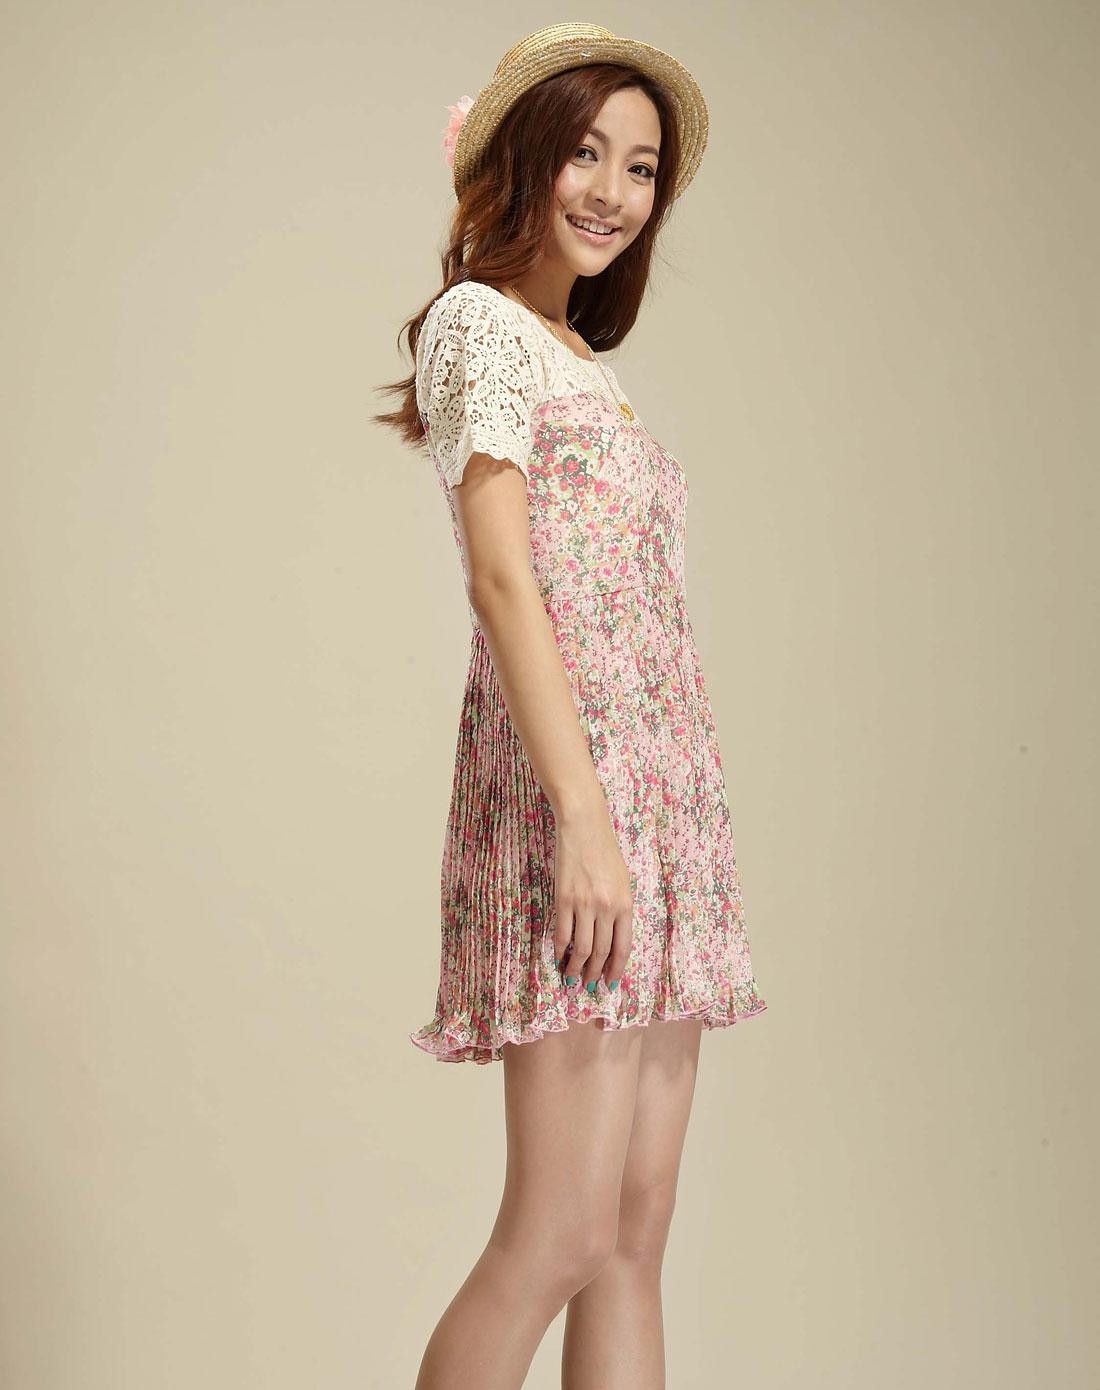 蜜粉色蕾丝拼接碎花短袖连衣裙